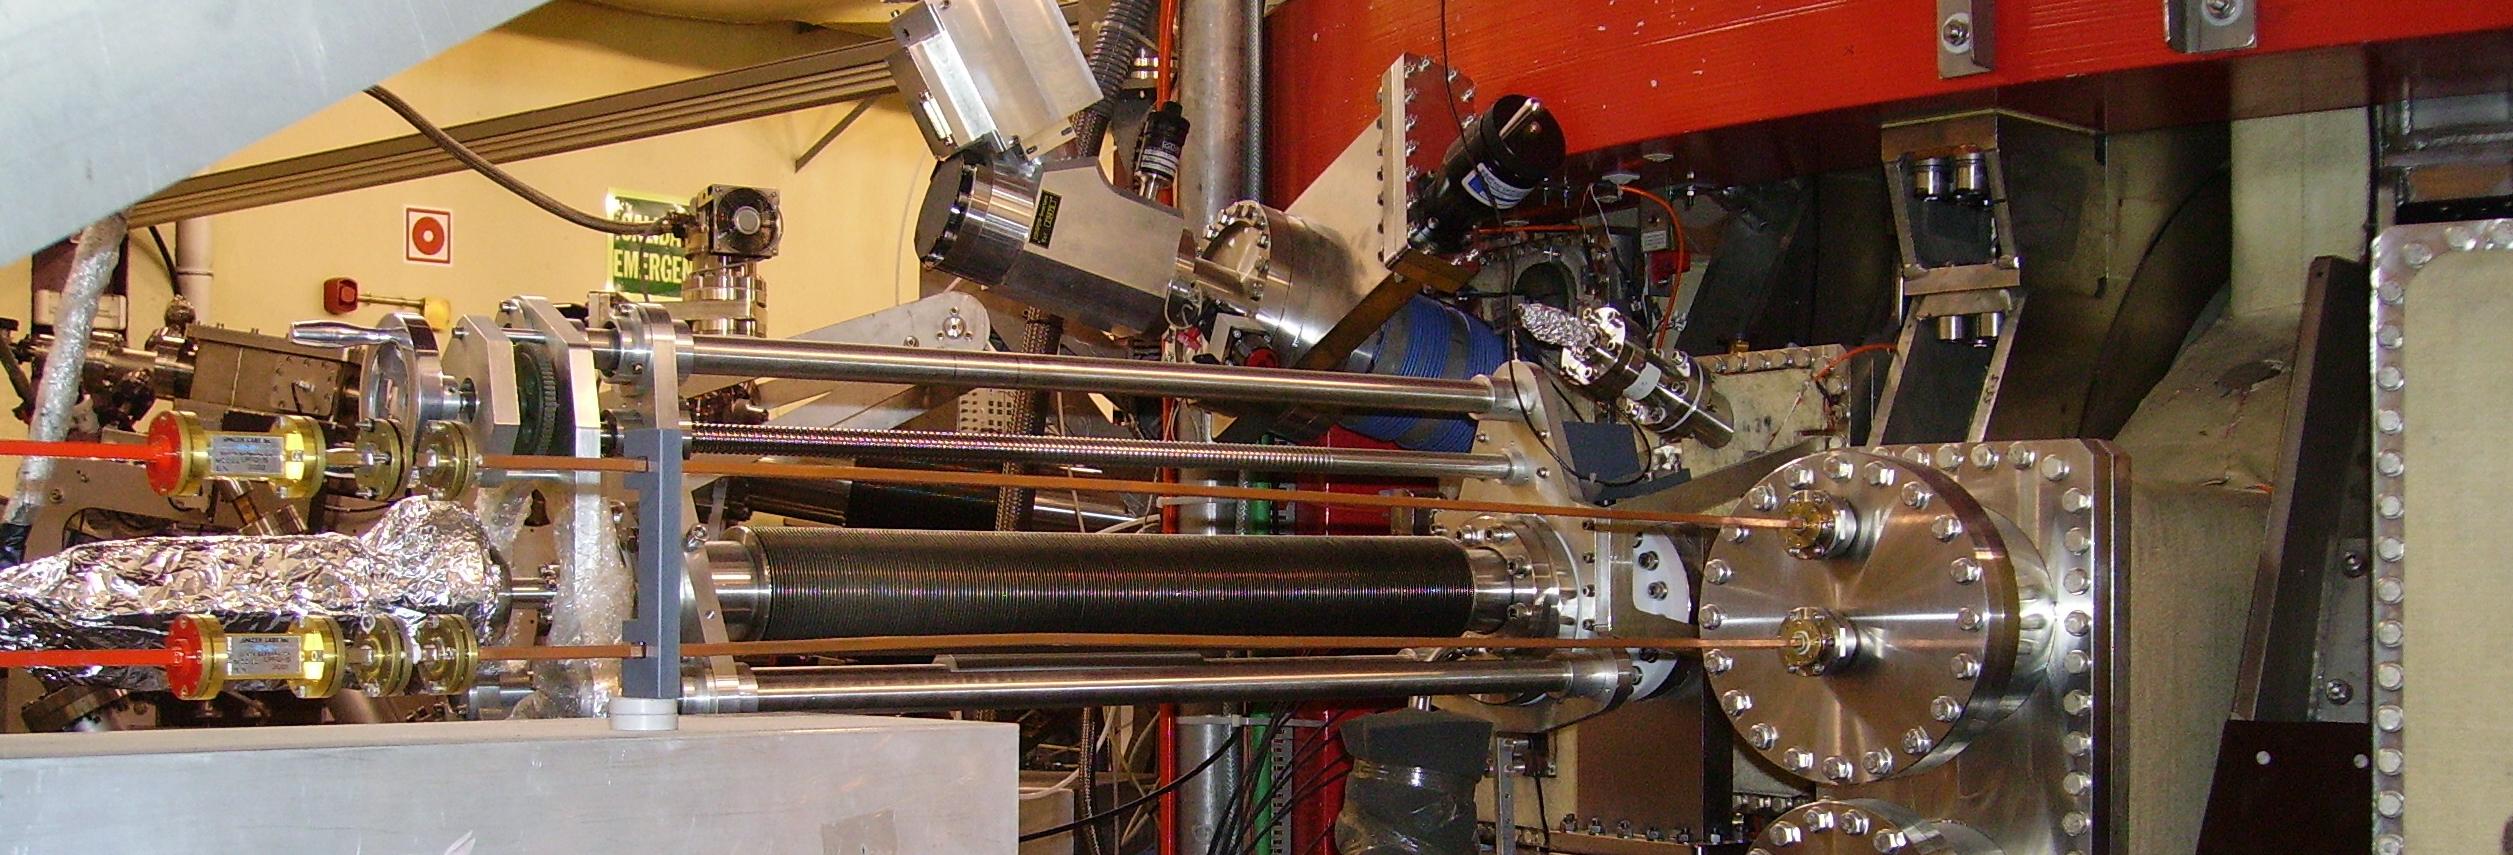 Pellet injector